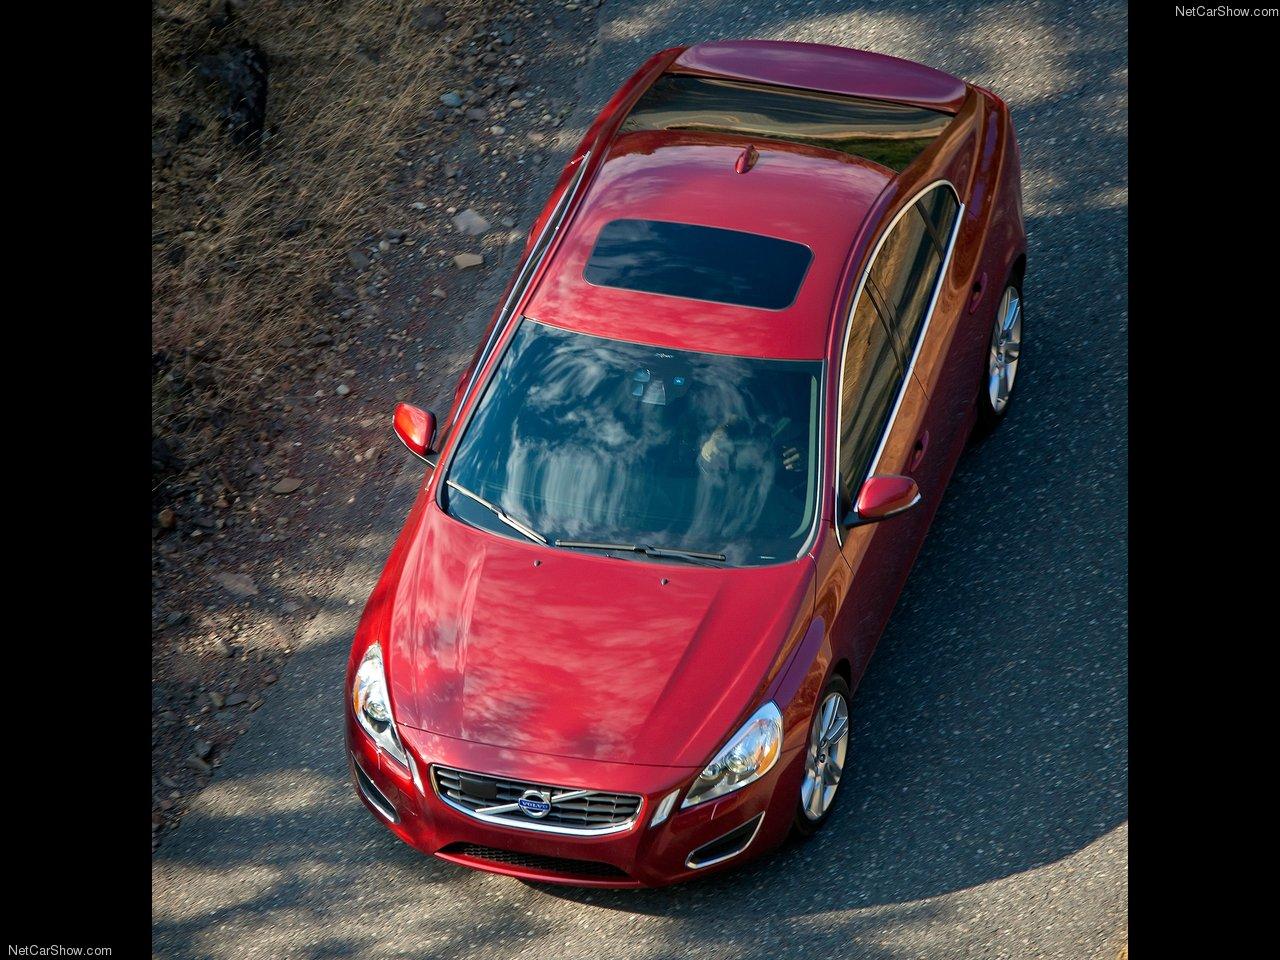 Volvo S60 2011 Volvo-S60-2011-1280-77